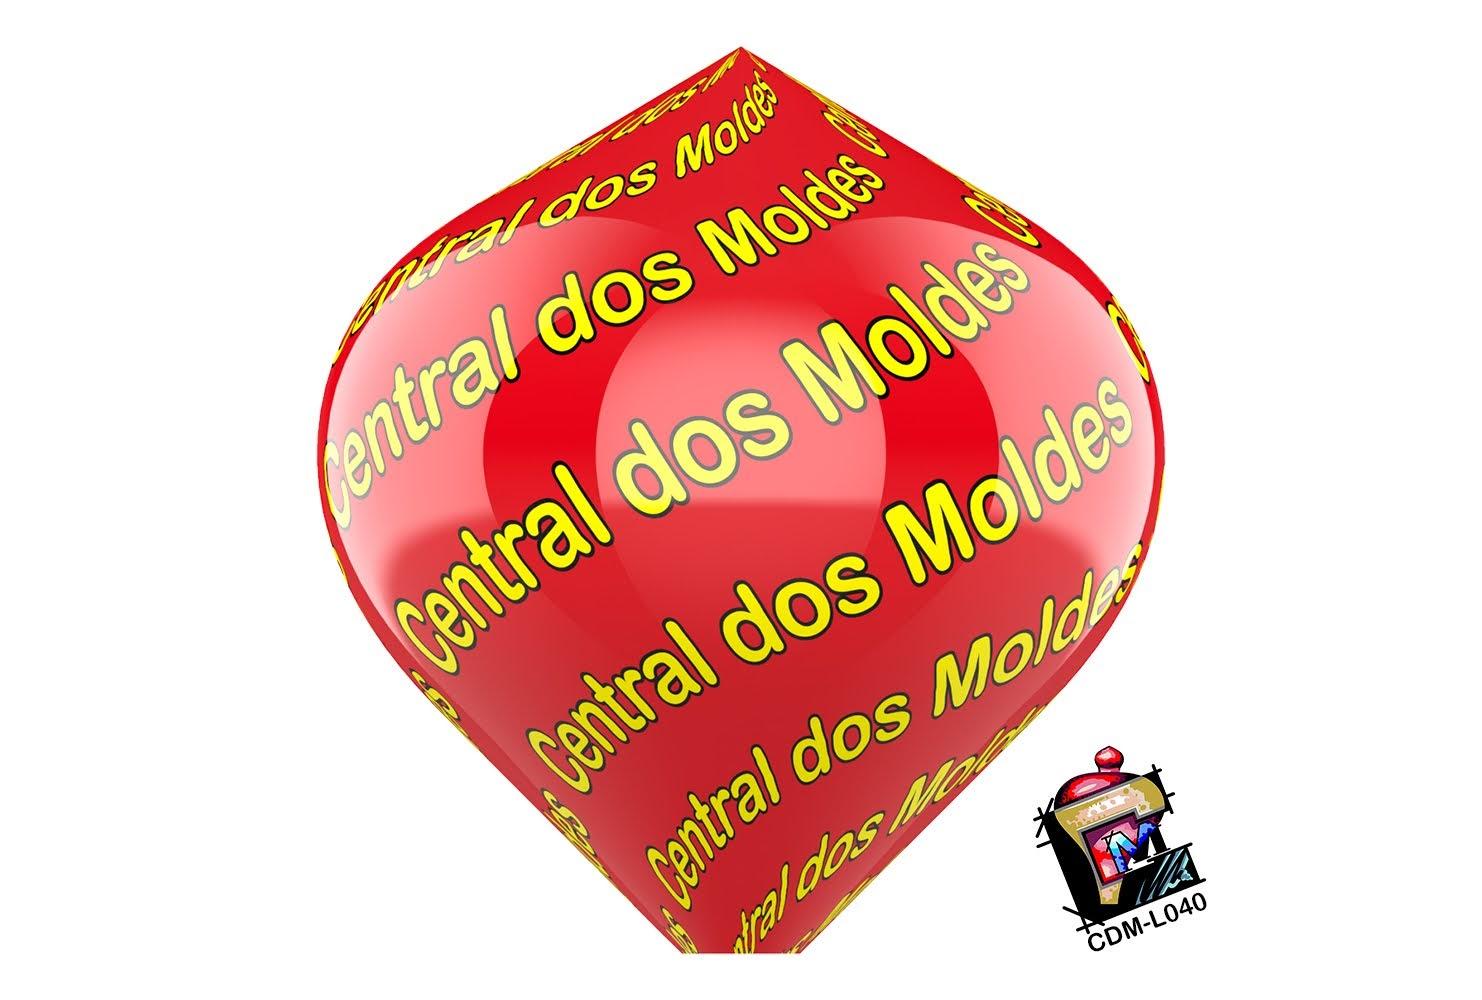 Central dos Moldes - CDM-L040-11082021 - Silhueta